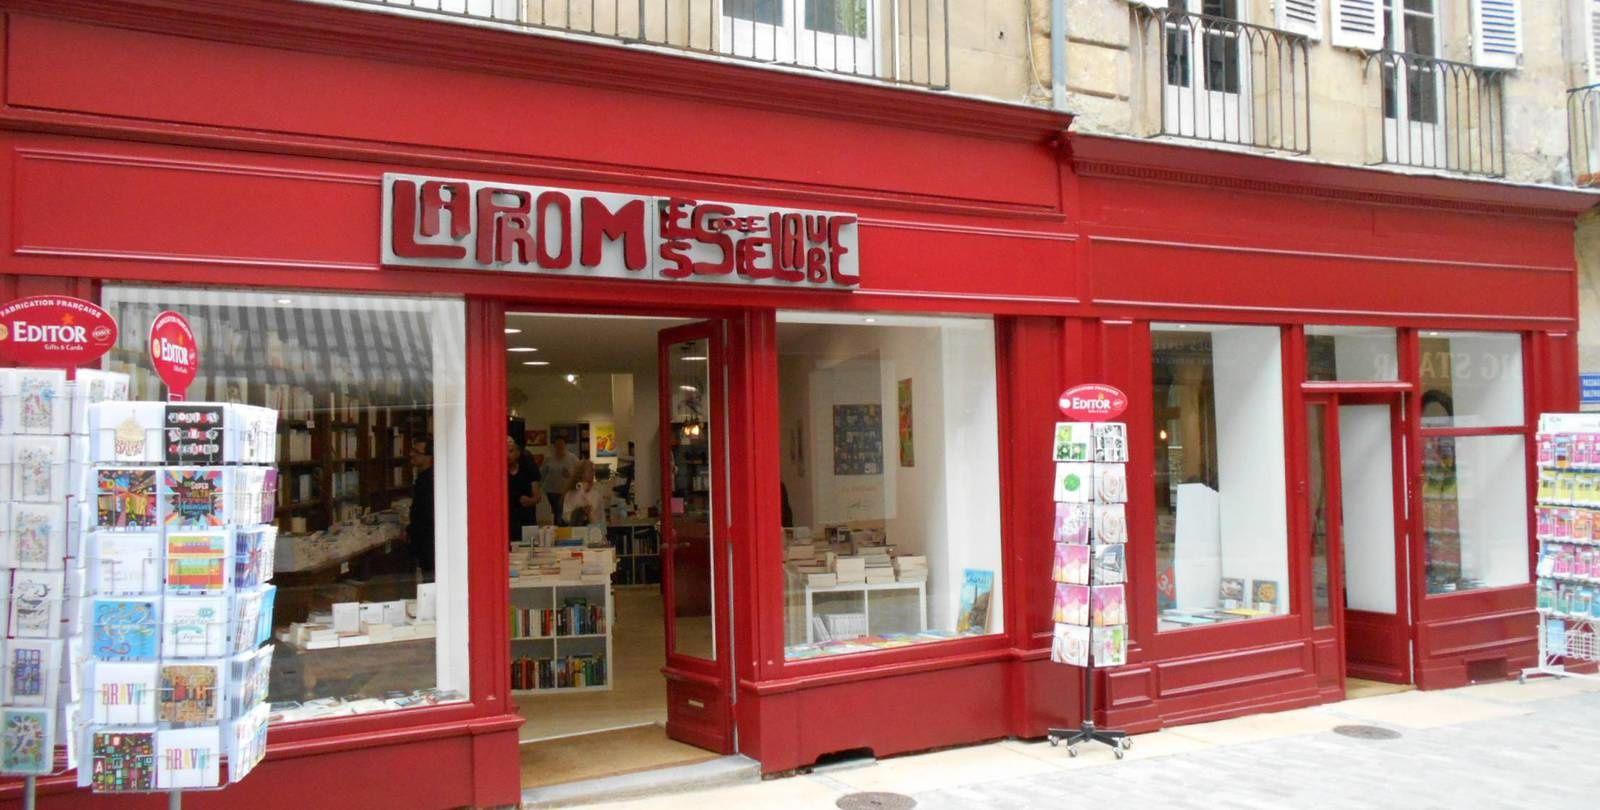 Devenue la Promesse de l'Aube la librairie d'Autun a doublé sa surface pour accueillir 30 000 ouvrages